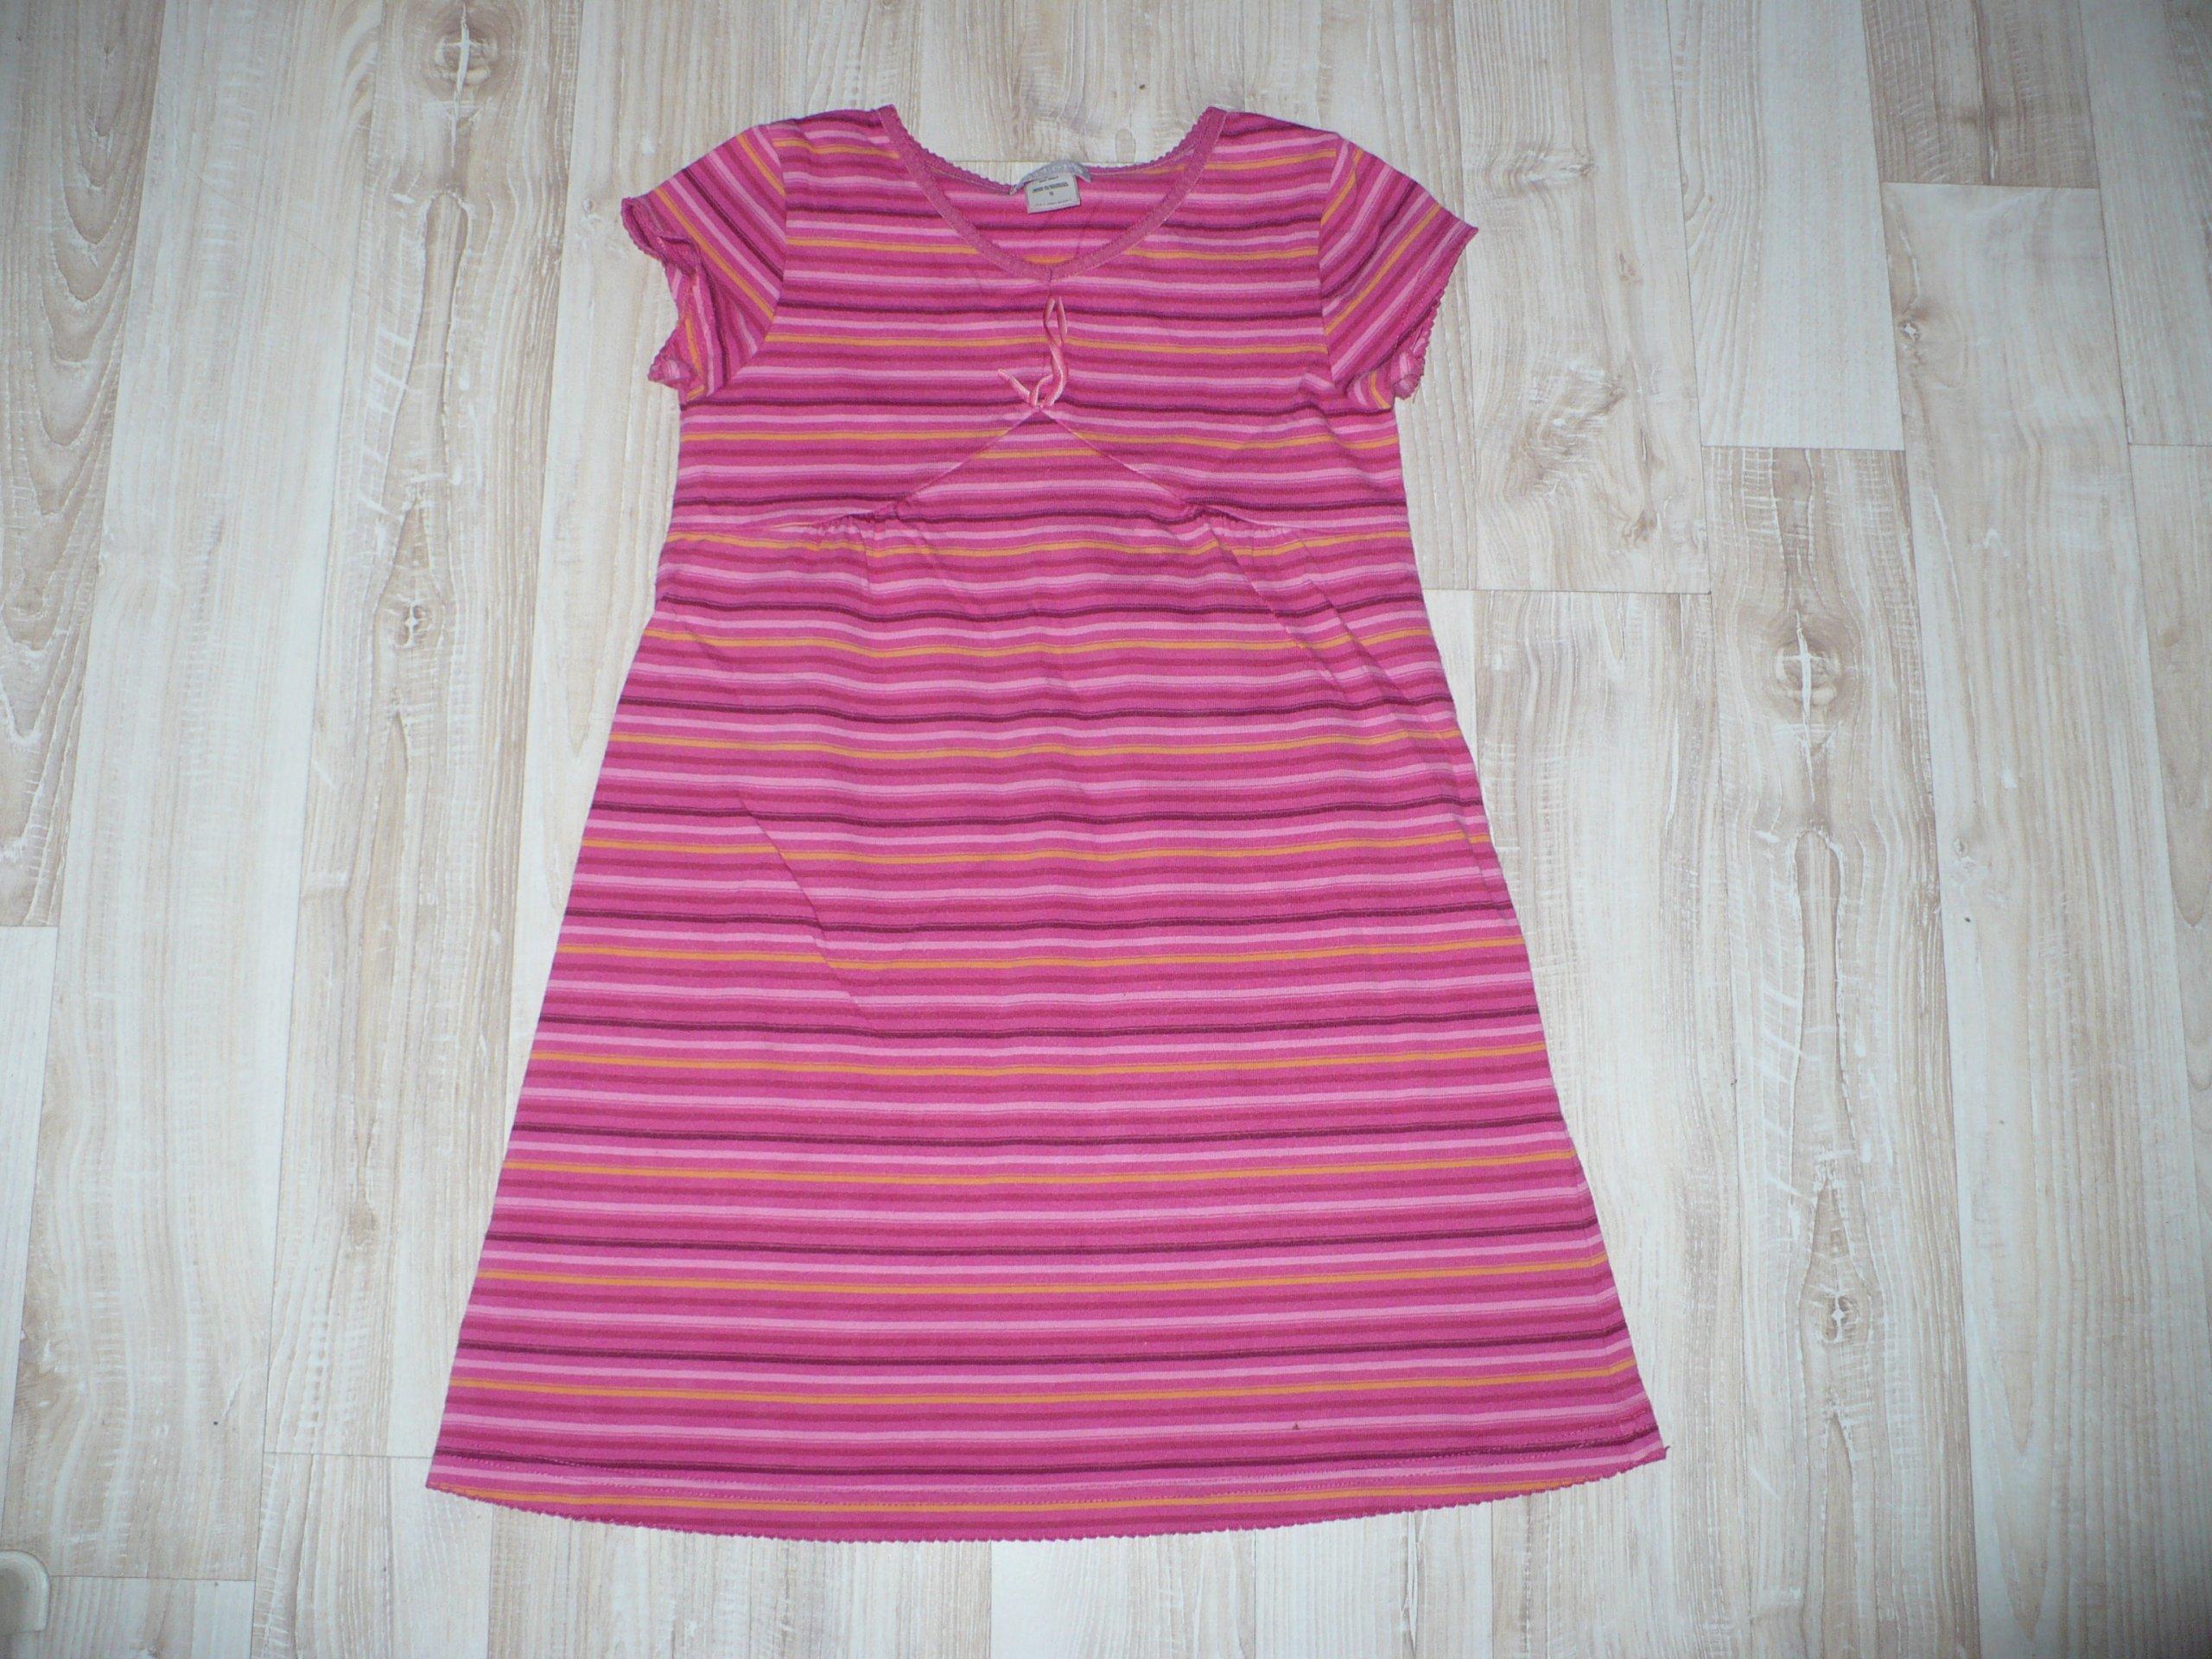 9eb02b5385 sukienka Carters dla dziewczynki 5-6 lat- paski - 7290458206 ...